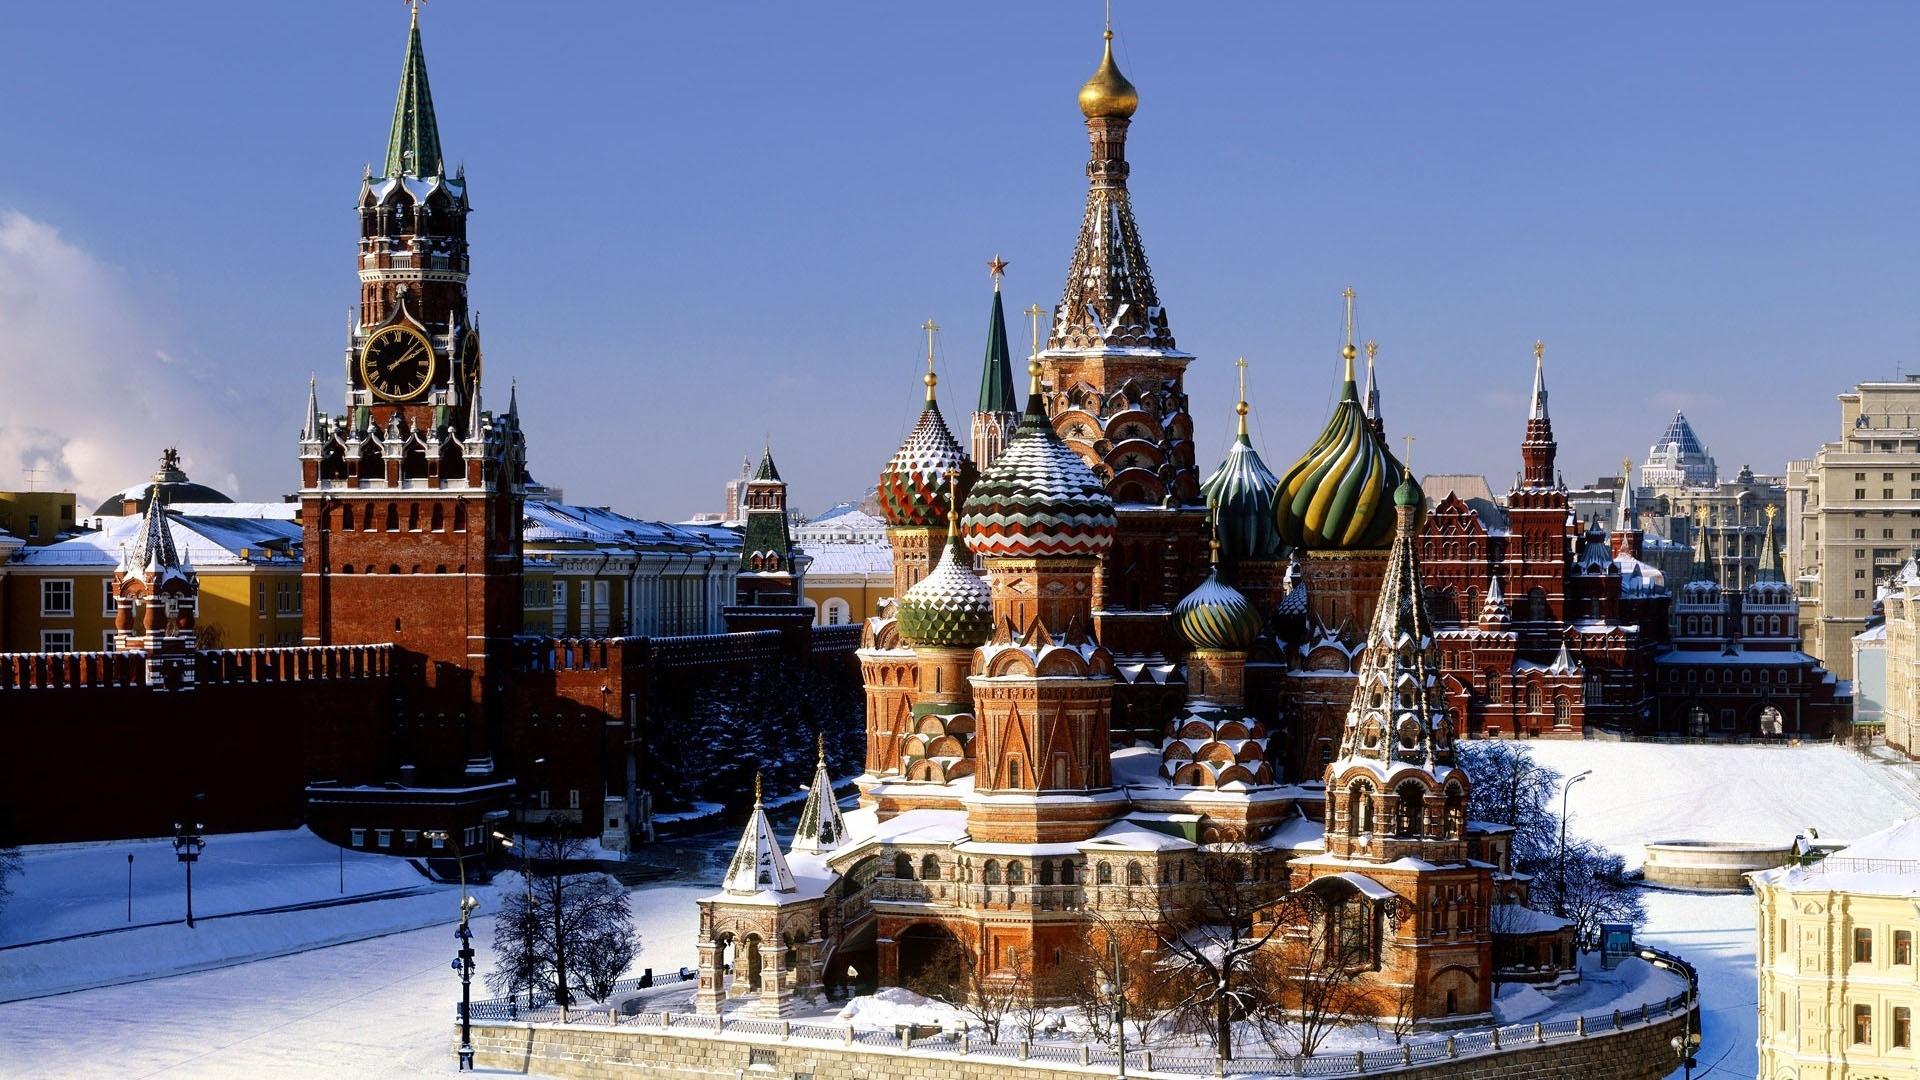 зимнего города картинки красивые